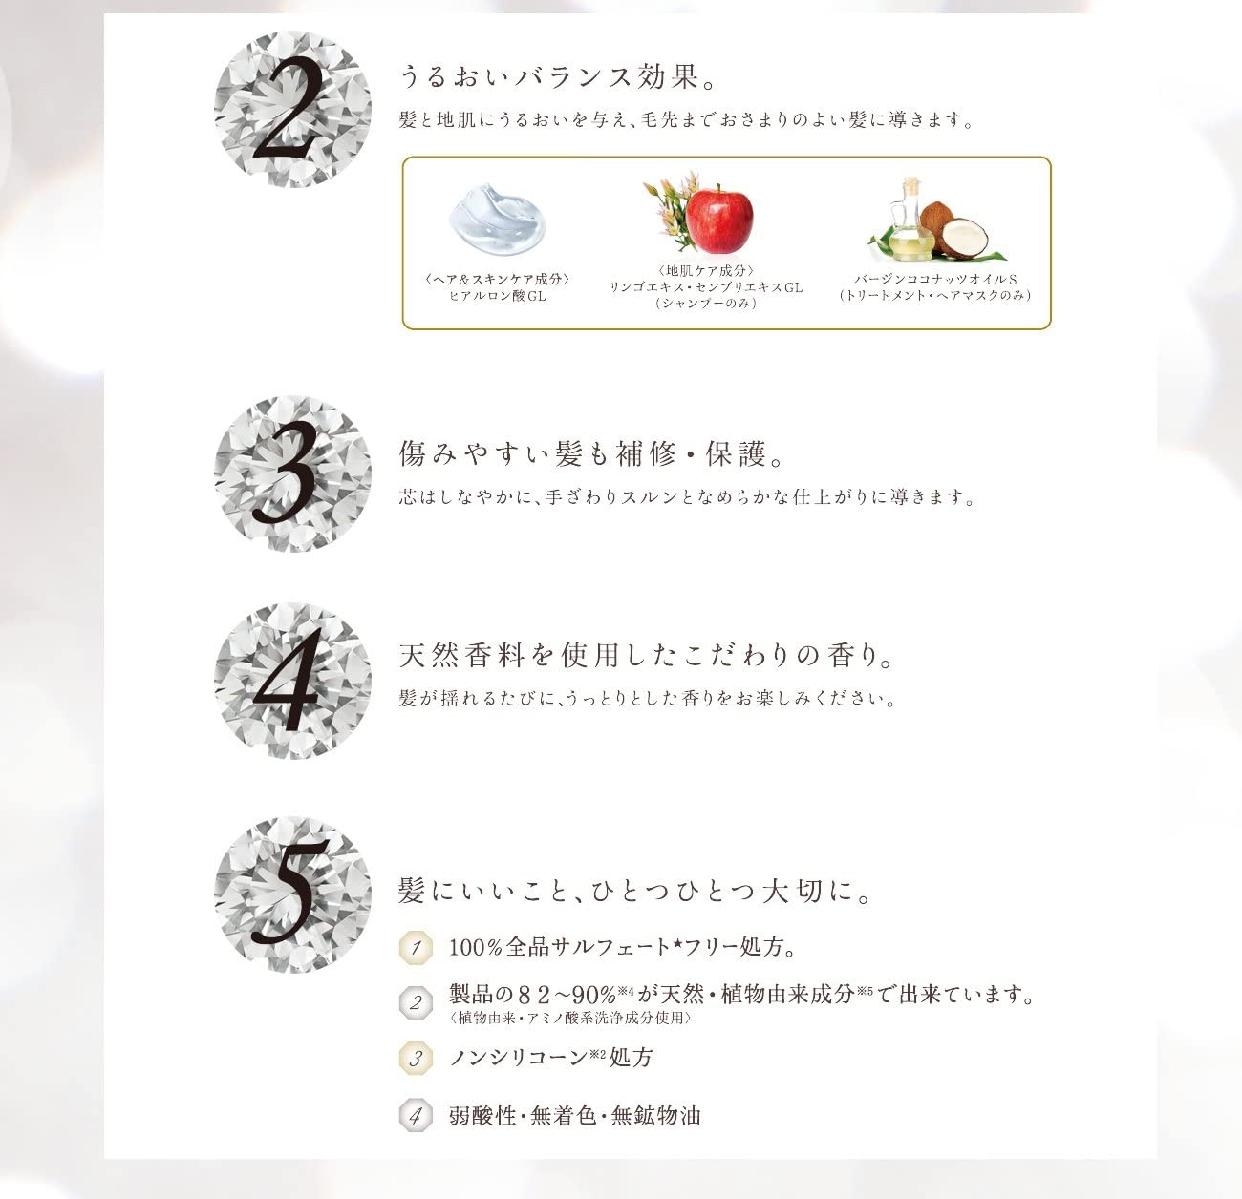 Je l'aime(ジュレーム) フルボス ブライトニング シャンプー (ブライト&モイスト) しっとりポンプの商品画像5